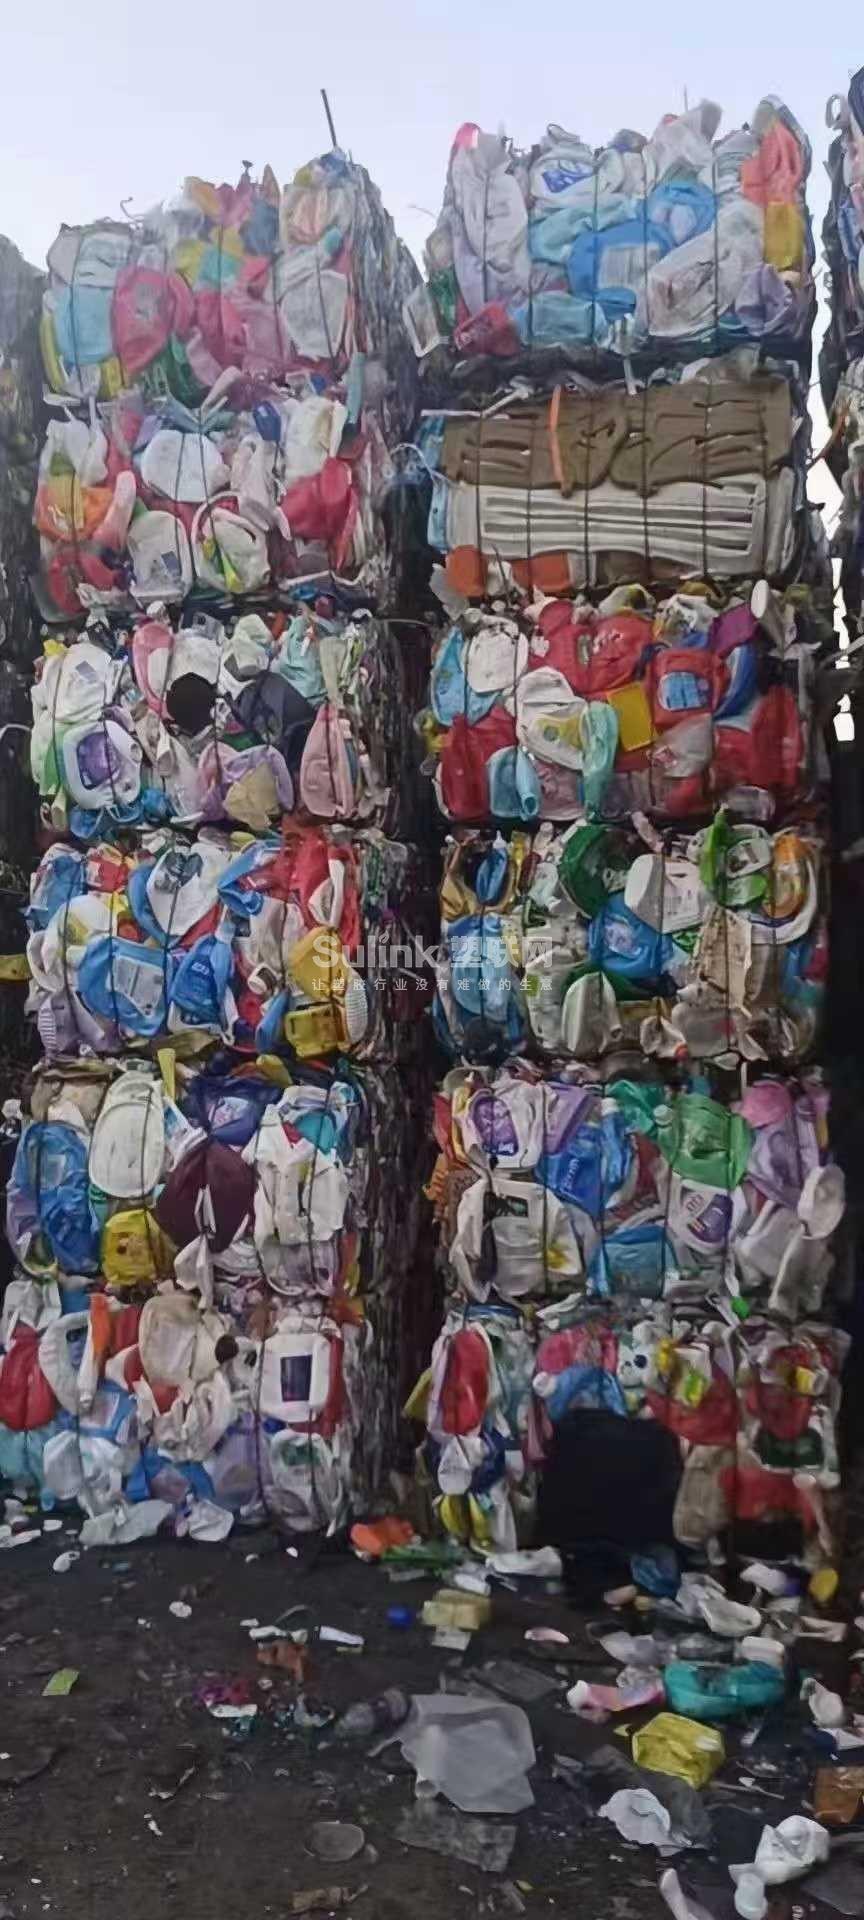 花乙压包料- 塑联网 - 塑料联网信息服务平台